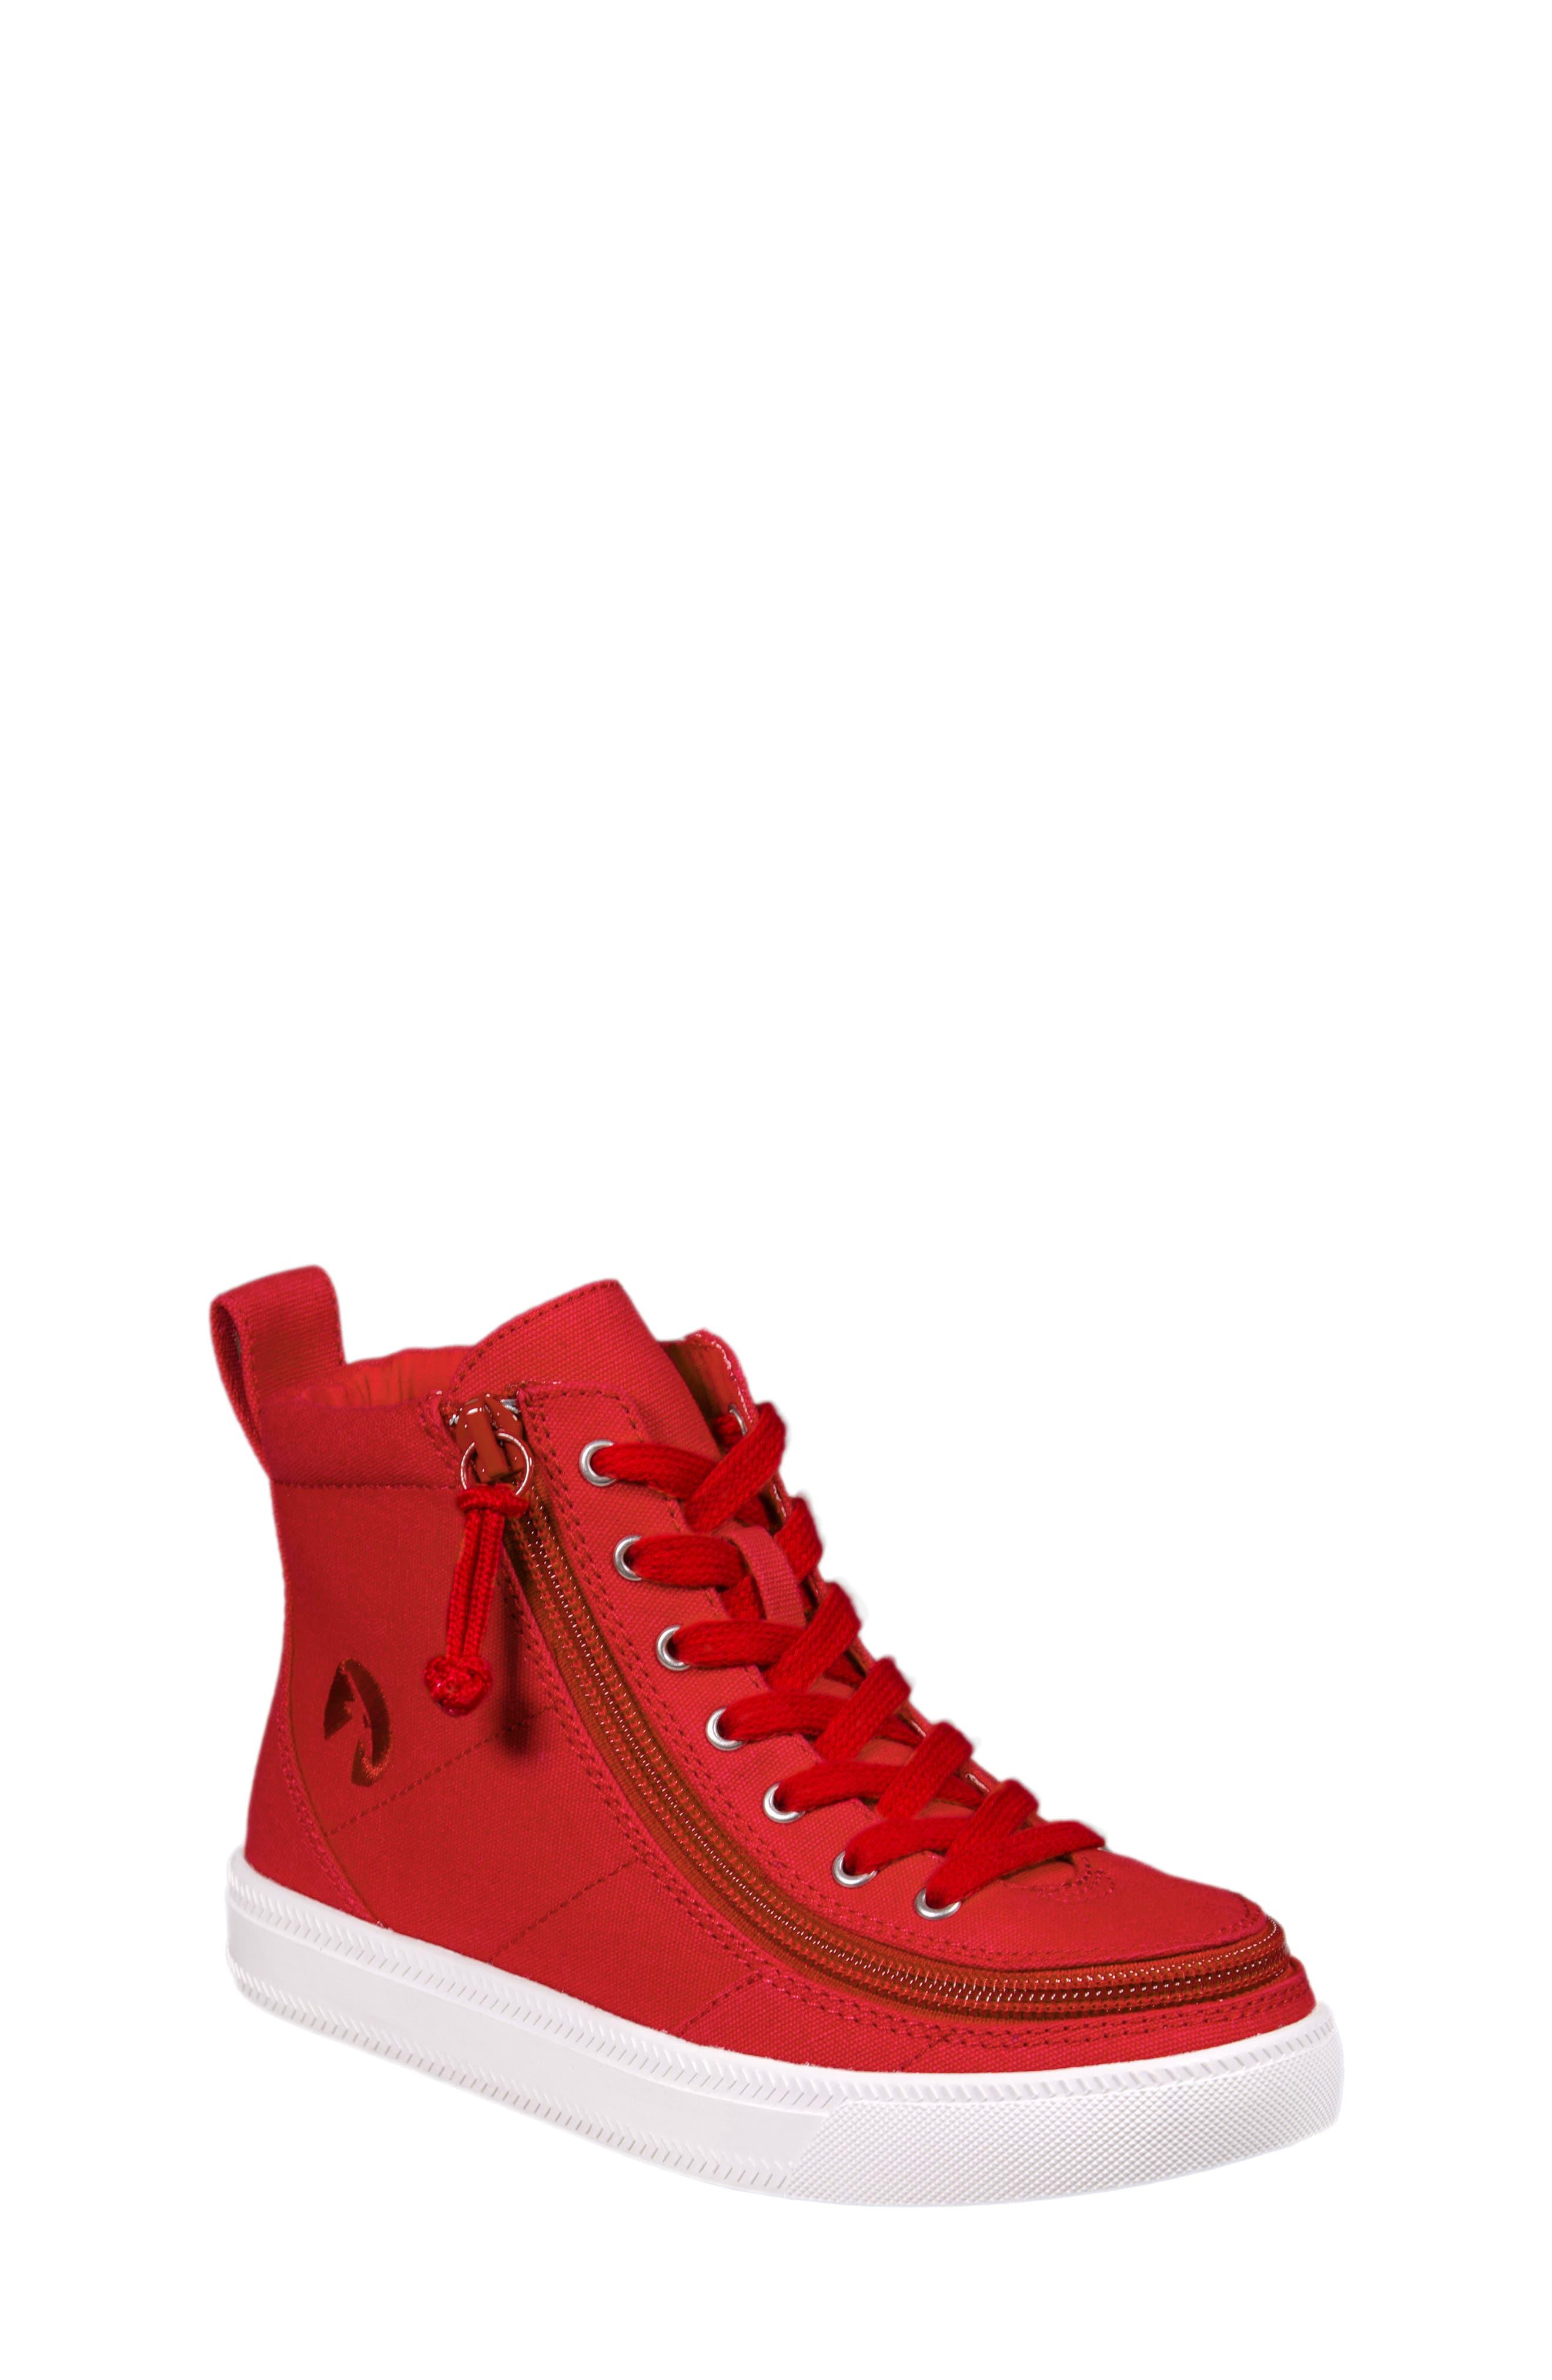 Alternate Image 1 Selected - BILLY Footwear Zip Around High Top Sneaker (Toddler, Little Kid & Big Kid)